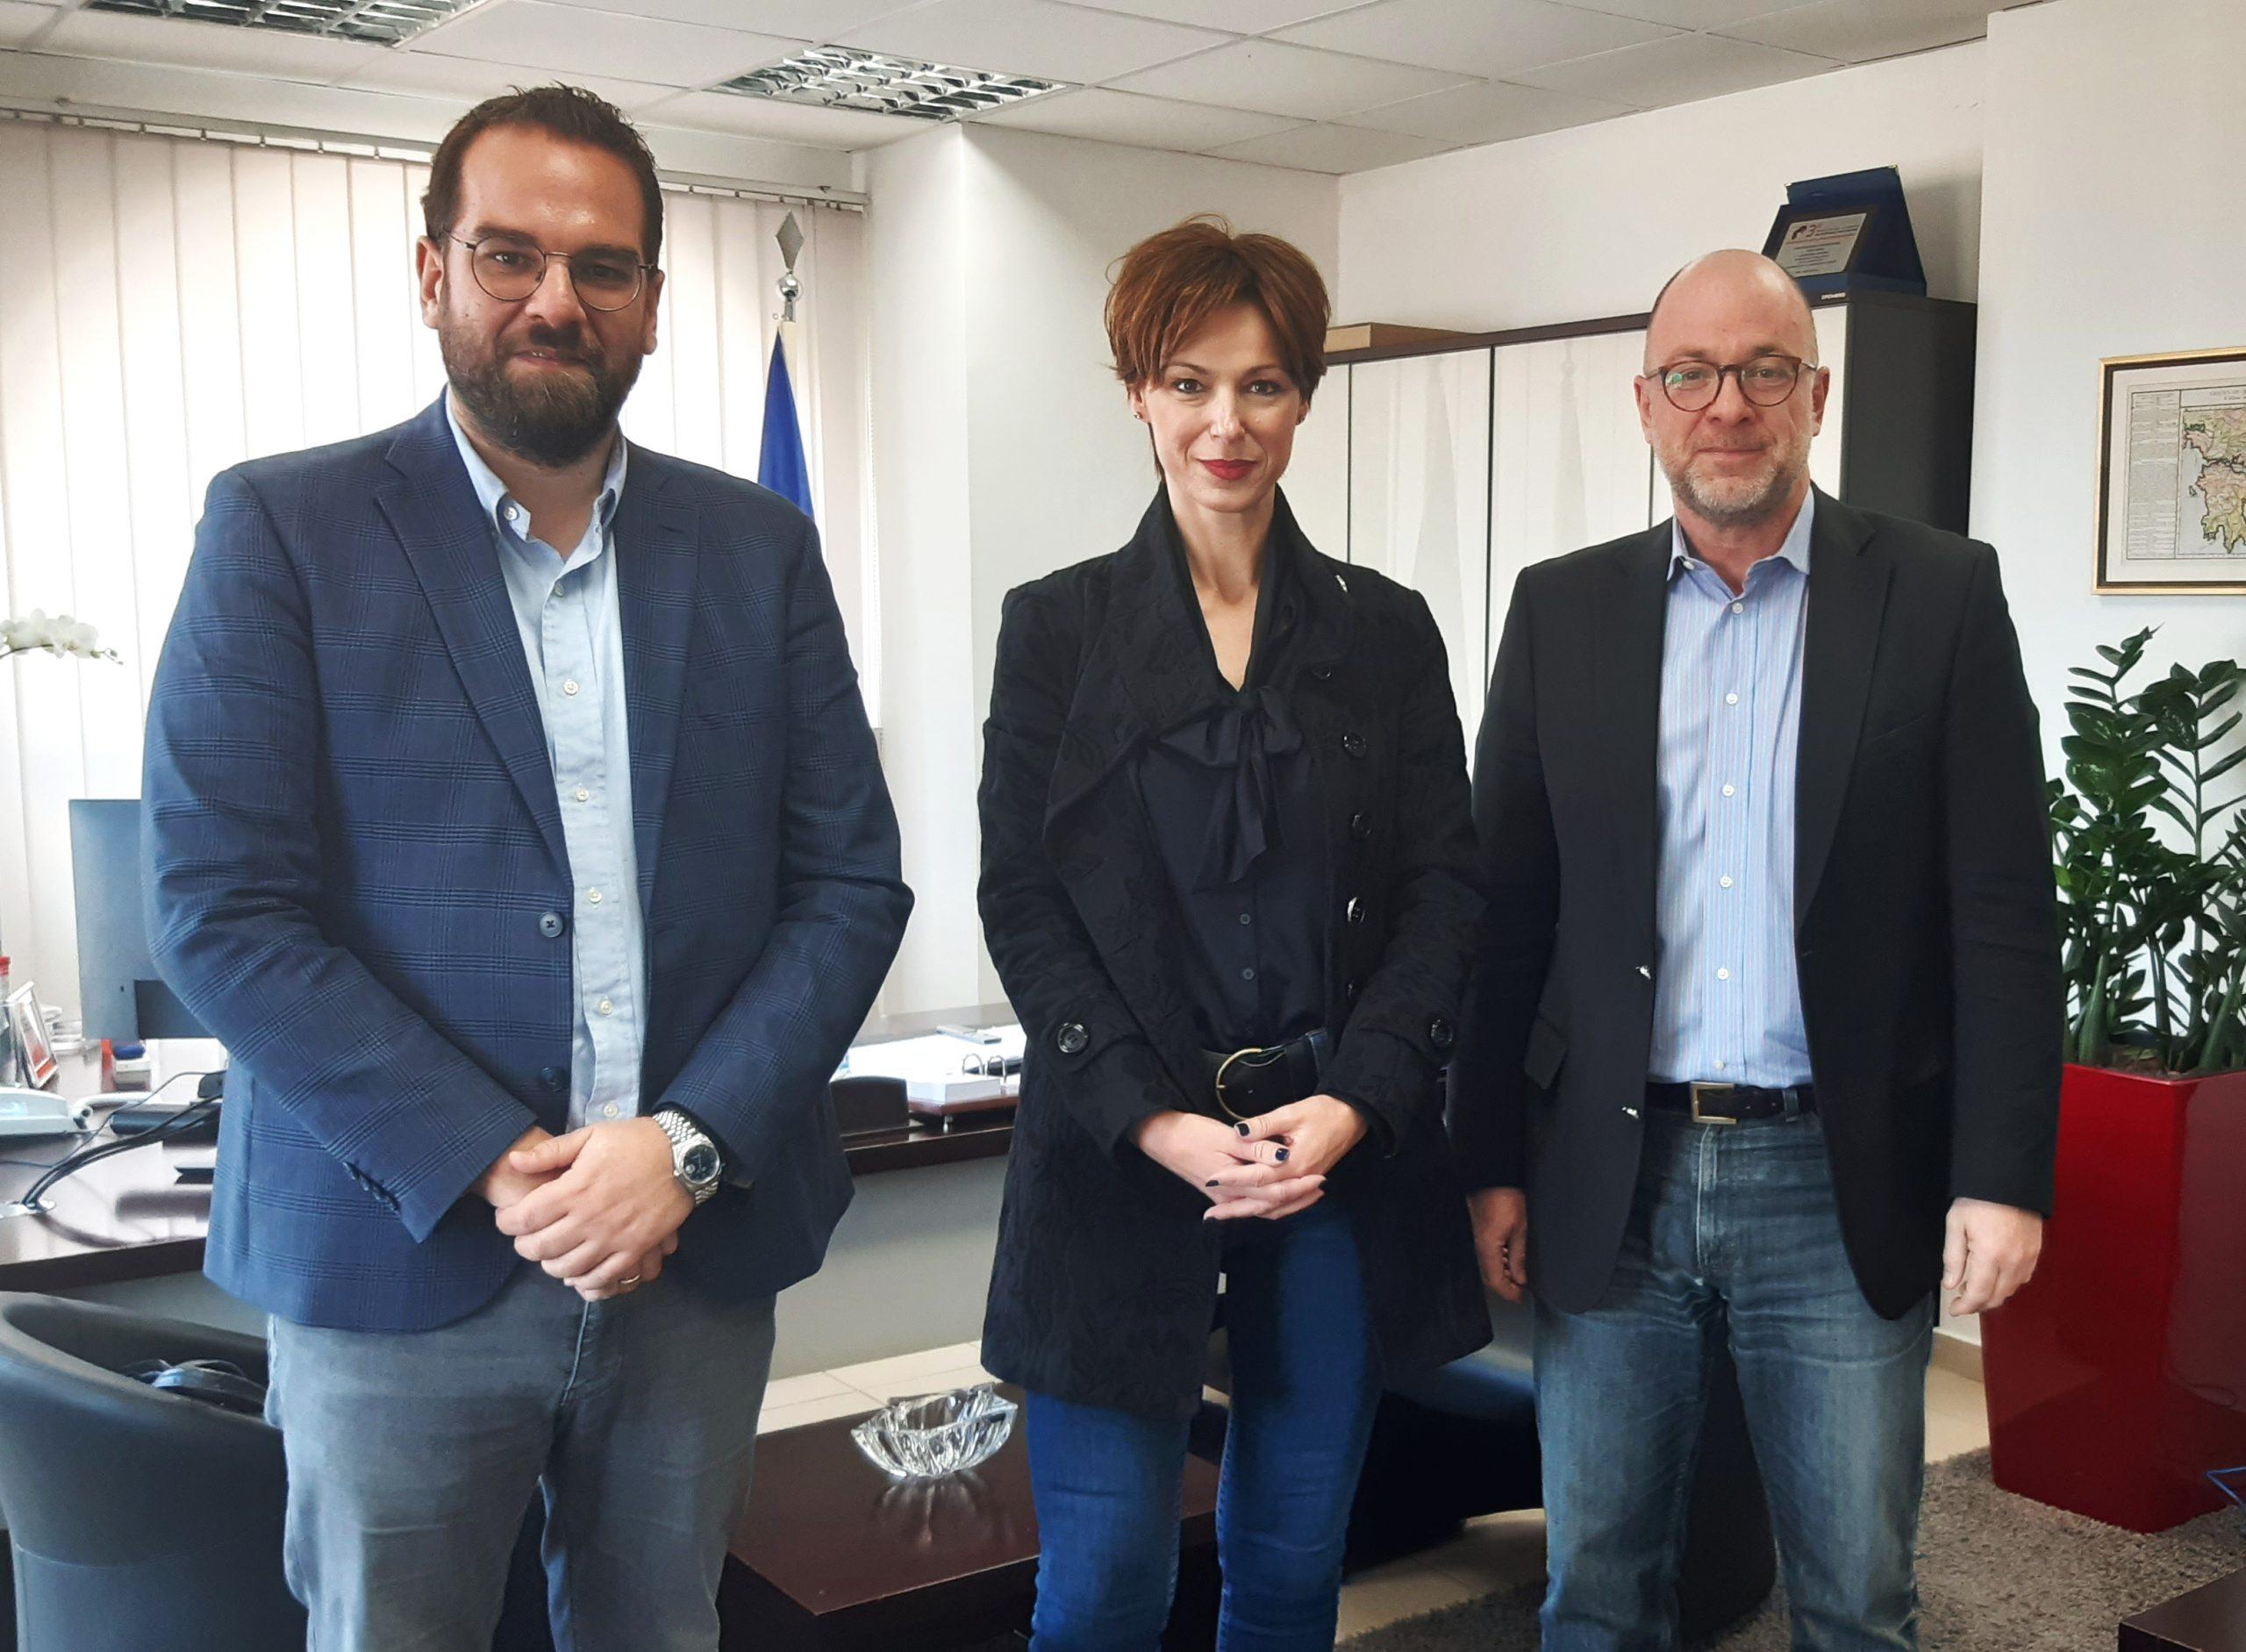 Περιφερειακό: Ορκίστηκε η Ζωή Αναστασοπούλου στη θέση του αείμνηστου Μανώλη Αγιομυργιαννάκη